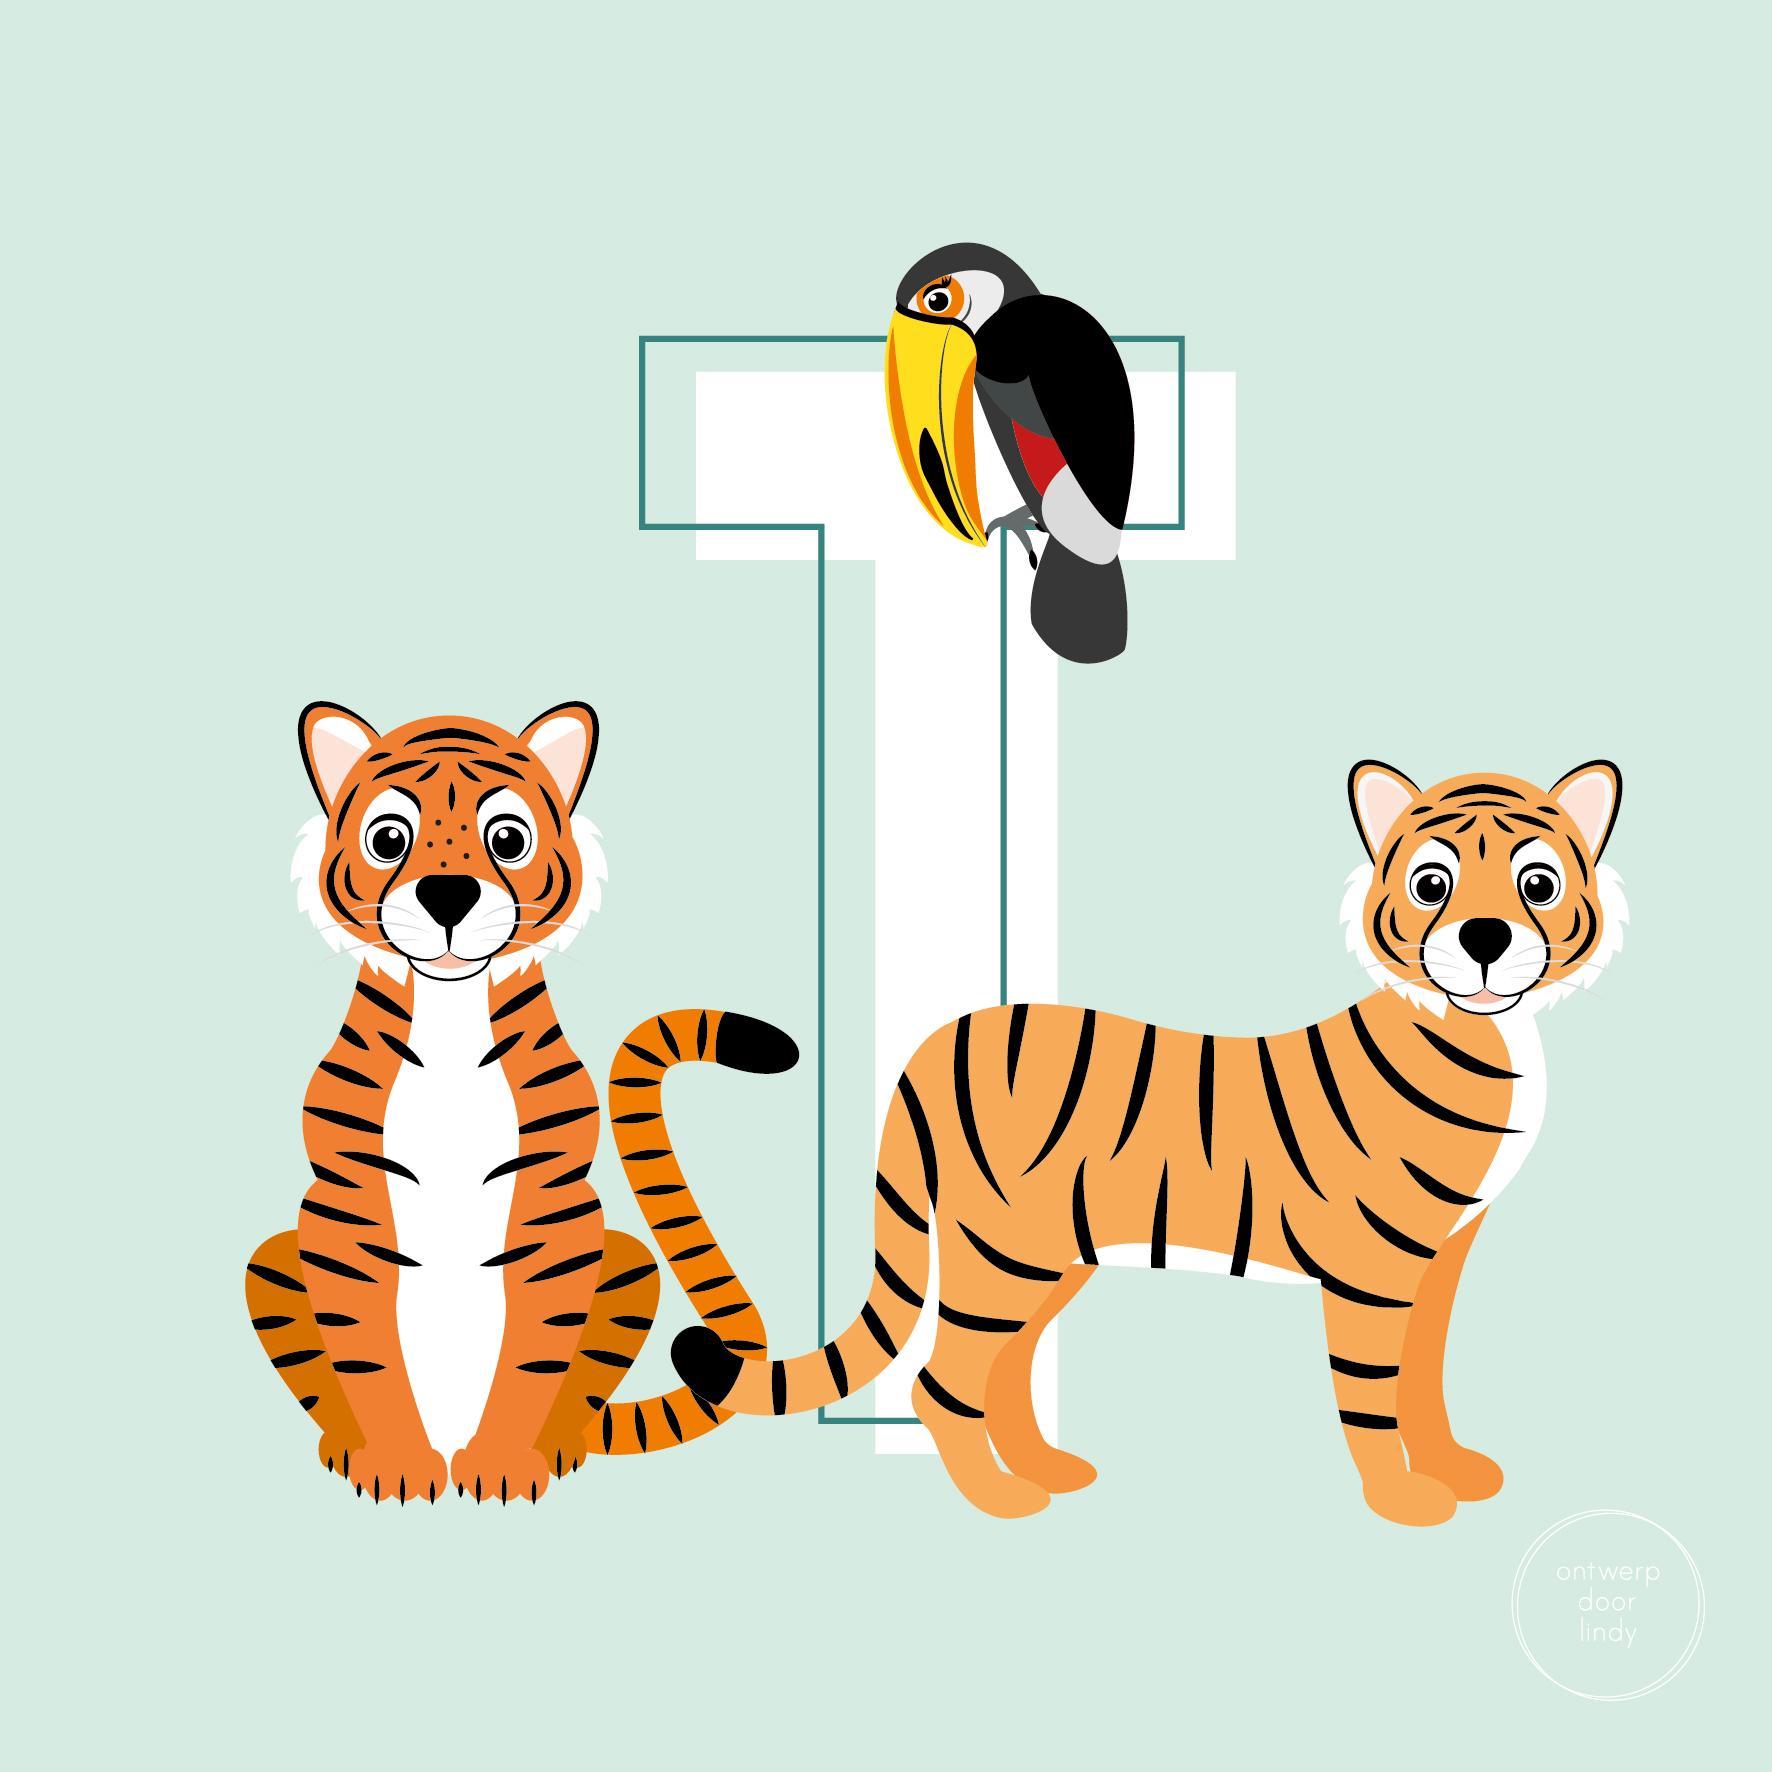 illustratie ABC diertjes tijgers en toekan Ontwerp door Lindy